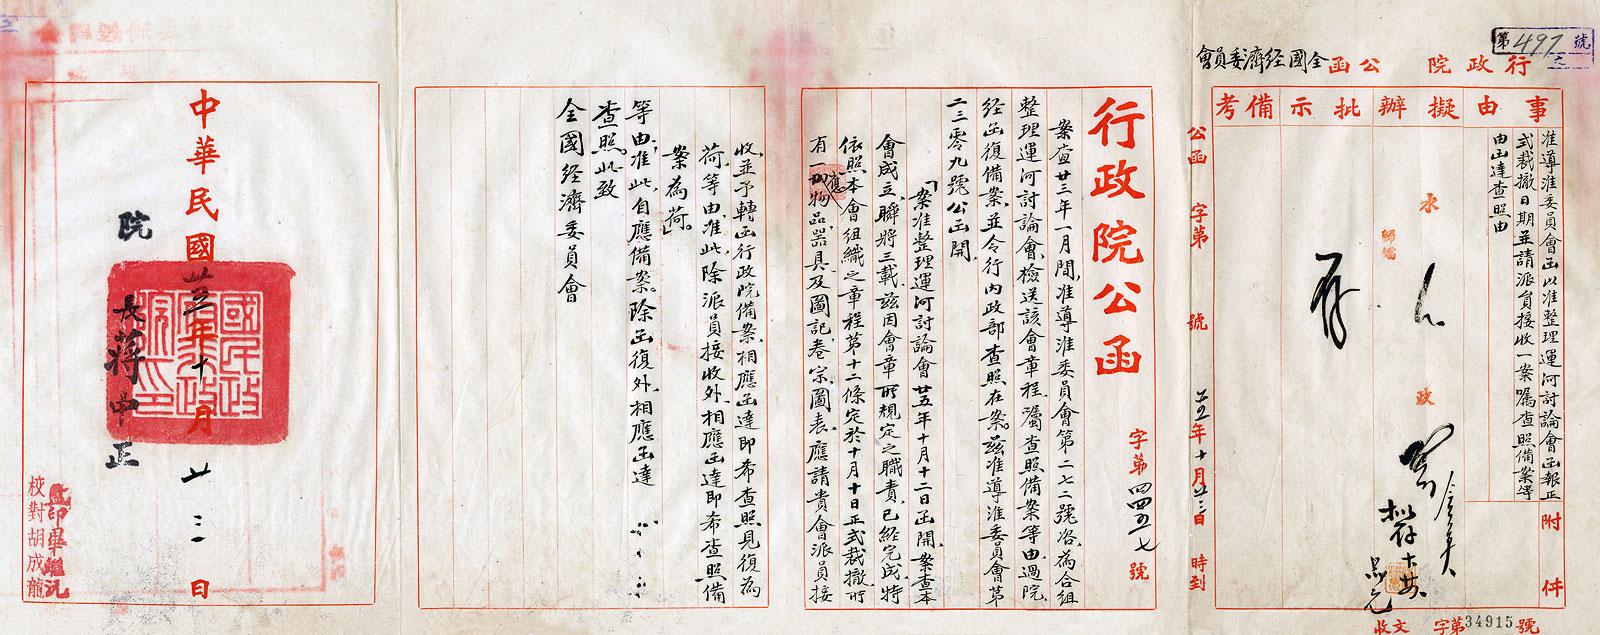 1936年10月,行政院函全經會,有關整理運河討論會裁撤事宜。(26-53-001-01-002)